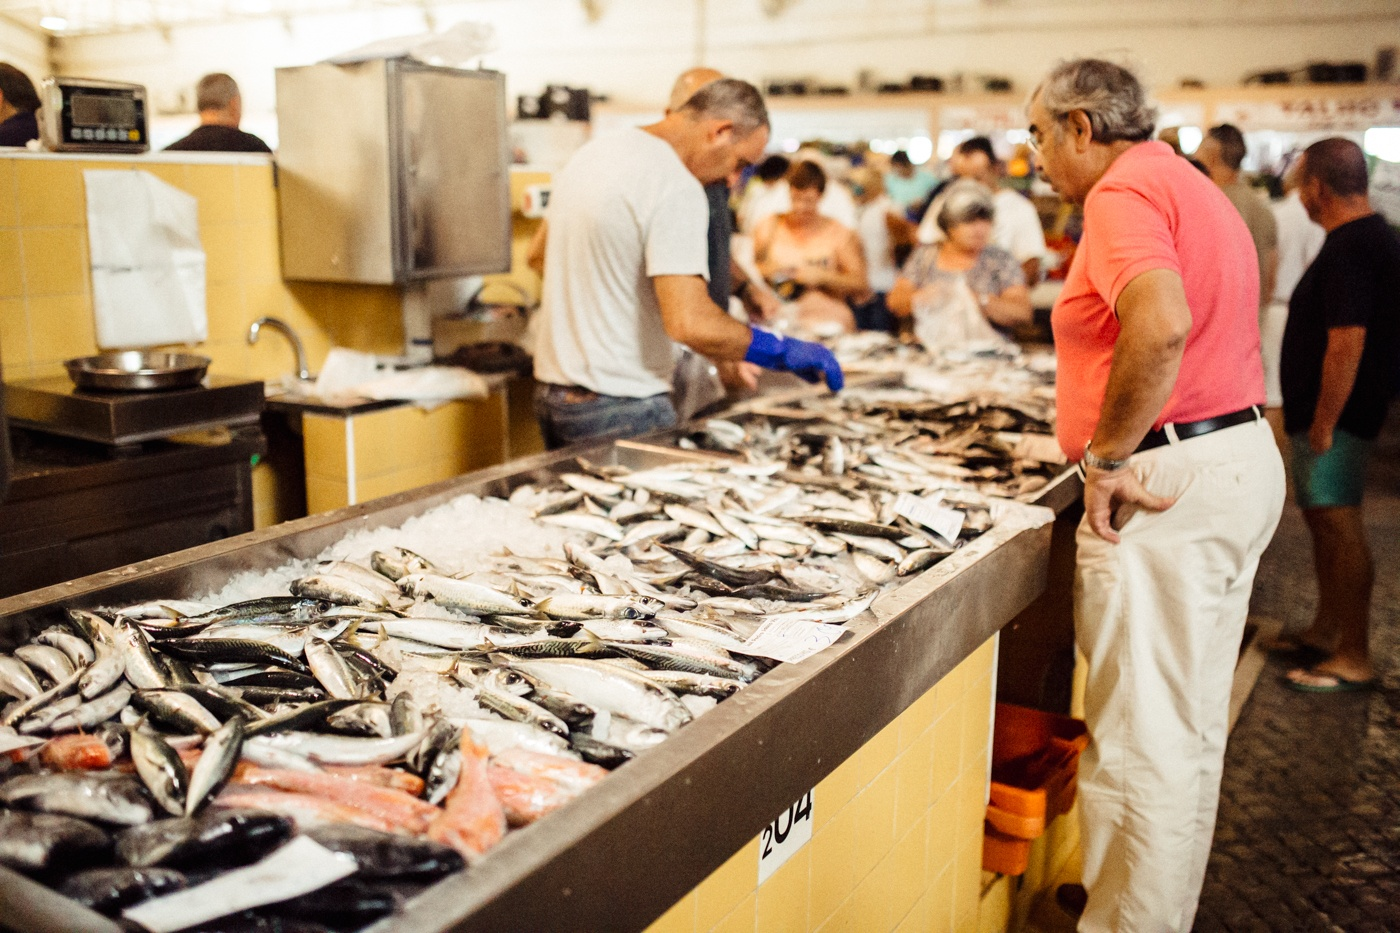 Frischer Fisch vom Markt (Fotocredit herzundblut)